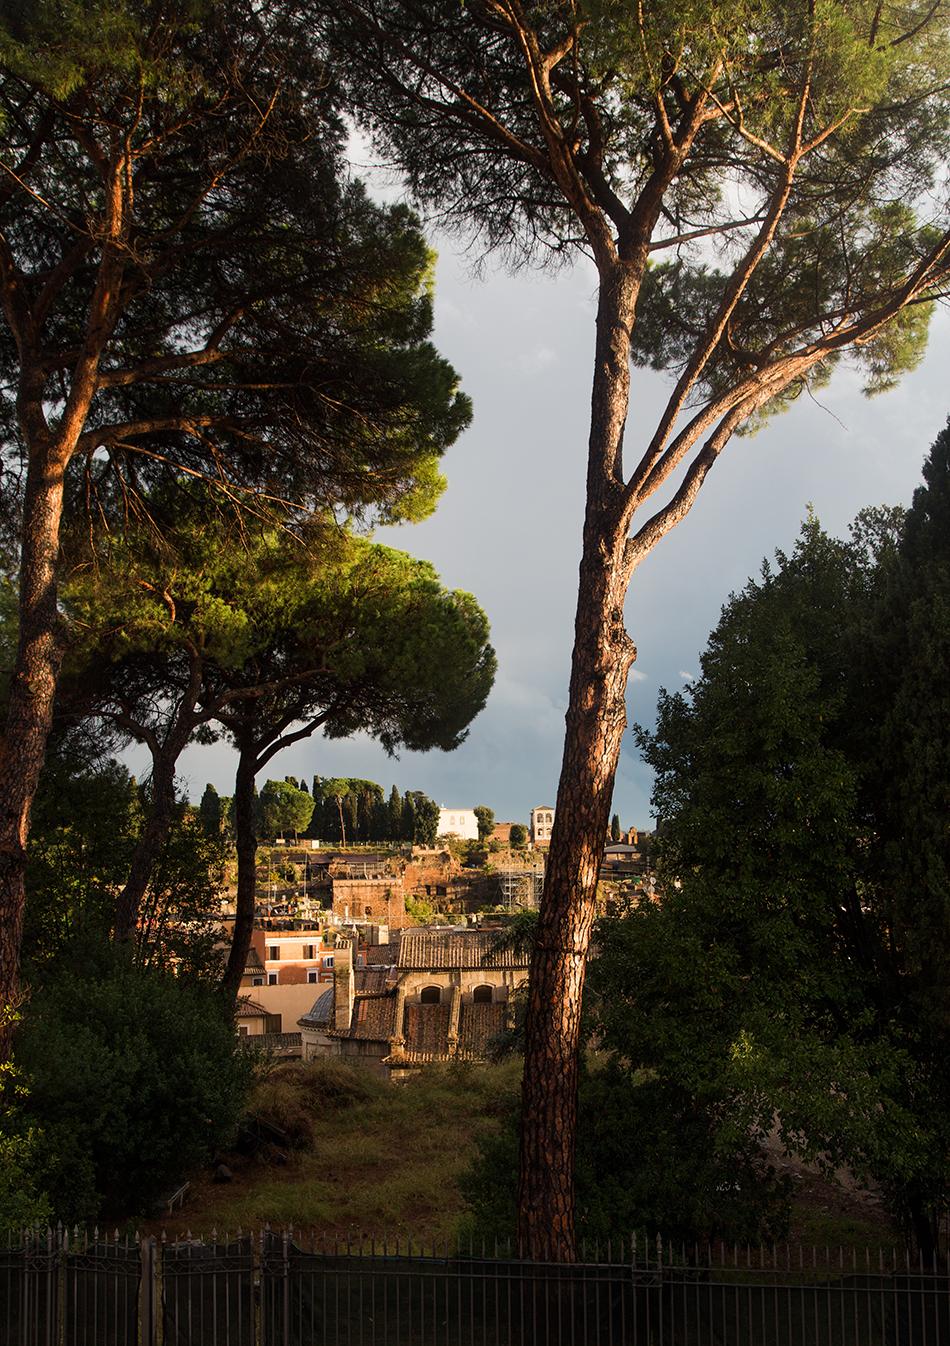 Rom, Kapitolinische Museen, Blick von der Terrasse